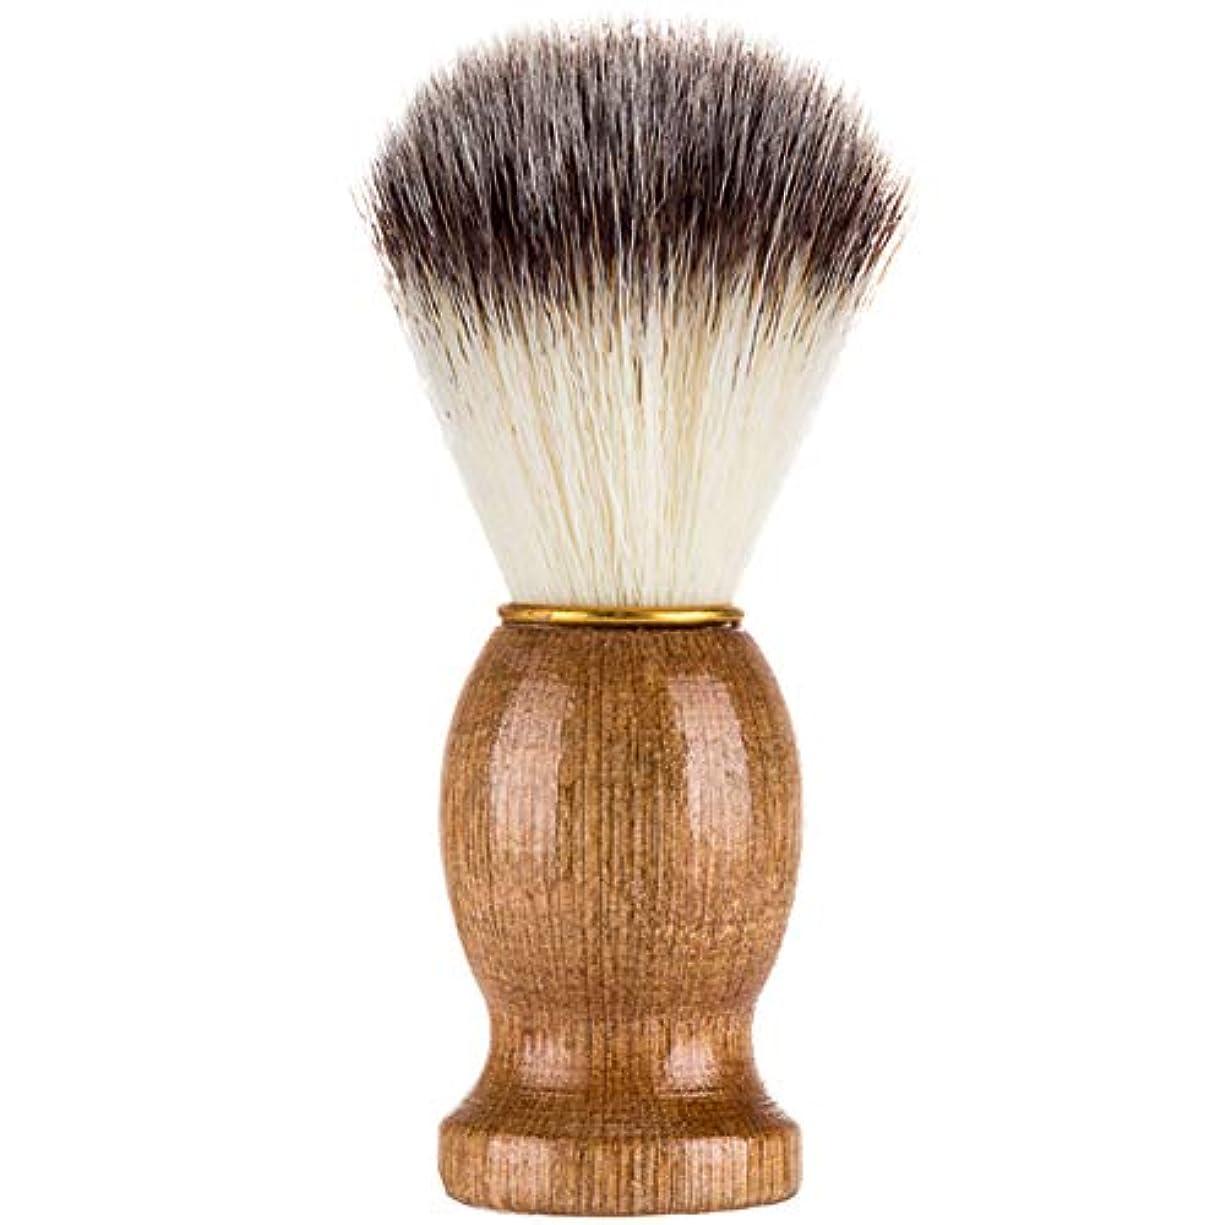 雰囲気蓄積するアスレチックTenflyer シェービングブラシ、シェービングブラシ、男性シェービングブラシシェービングかみそりブラシサロン理髪店用ツールひげ剃り用品